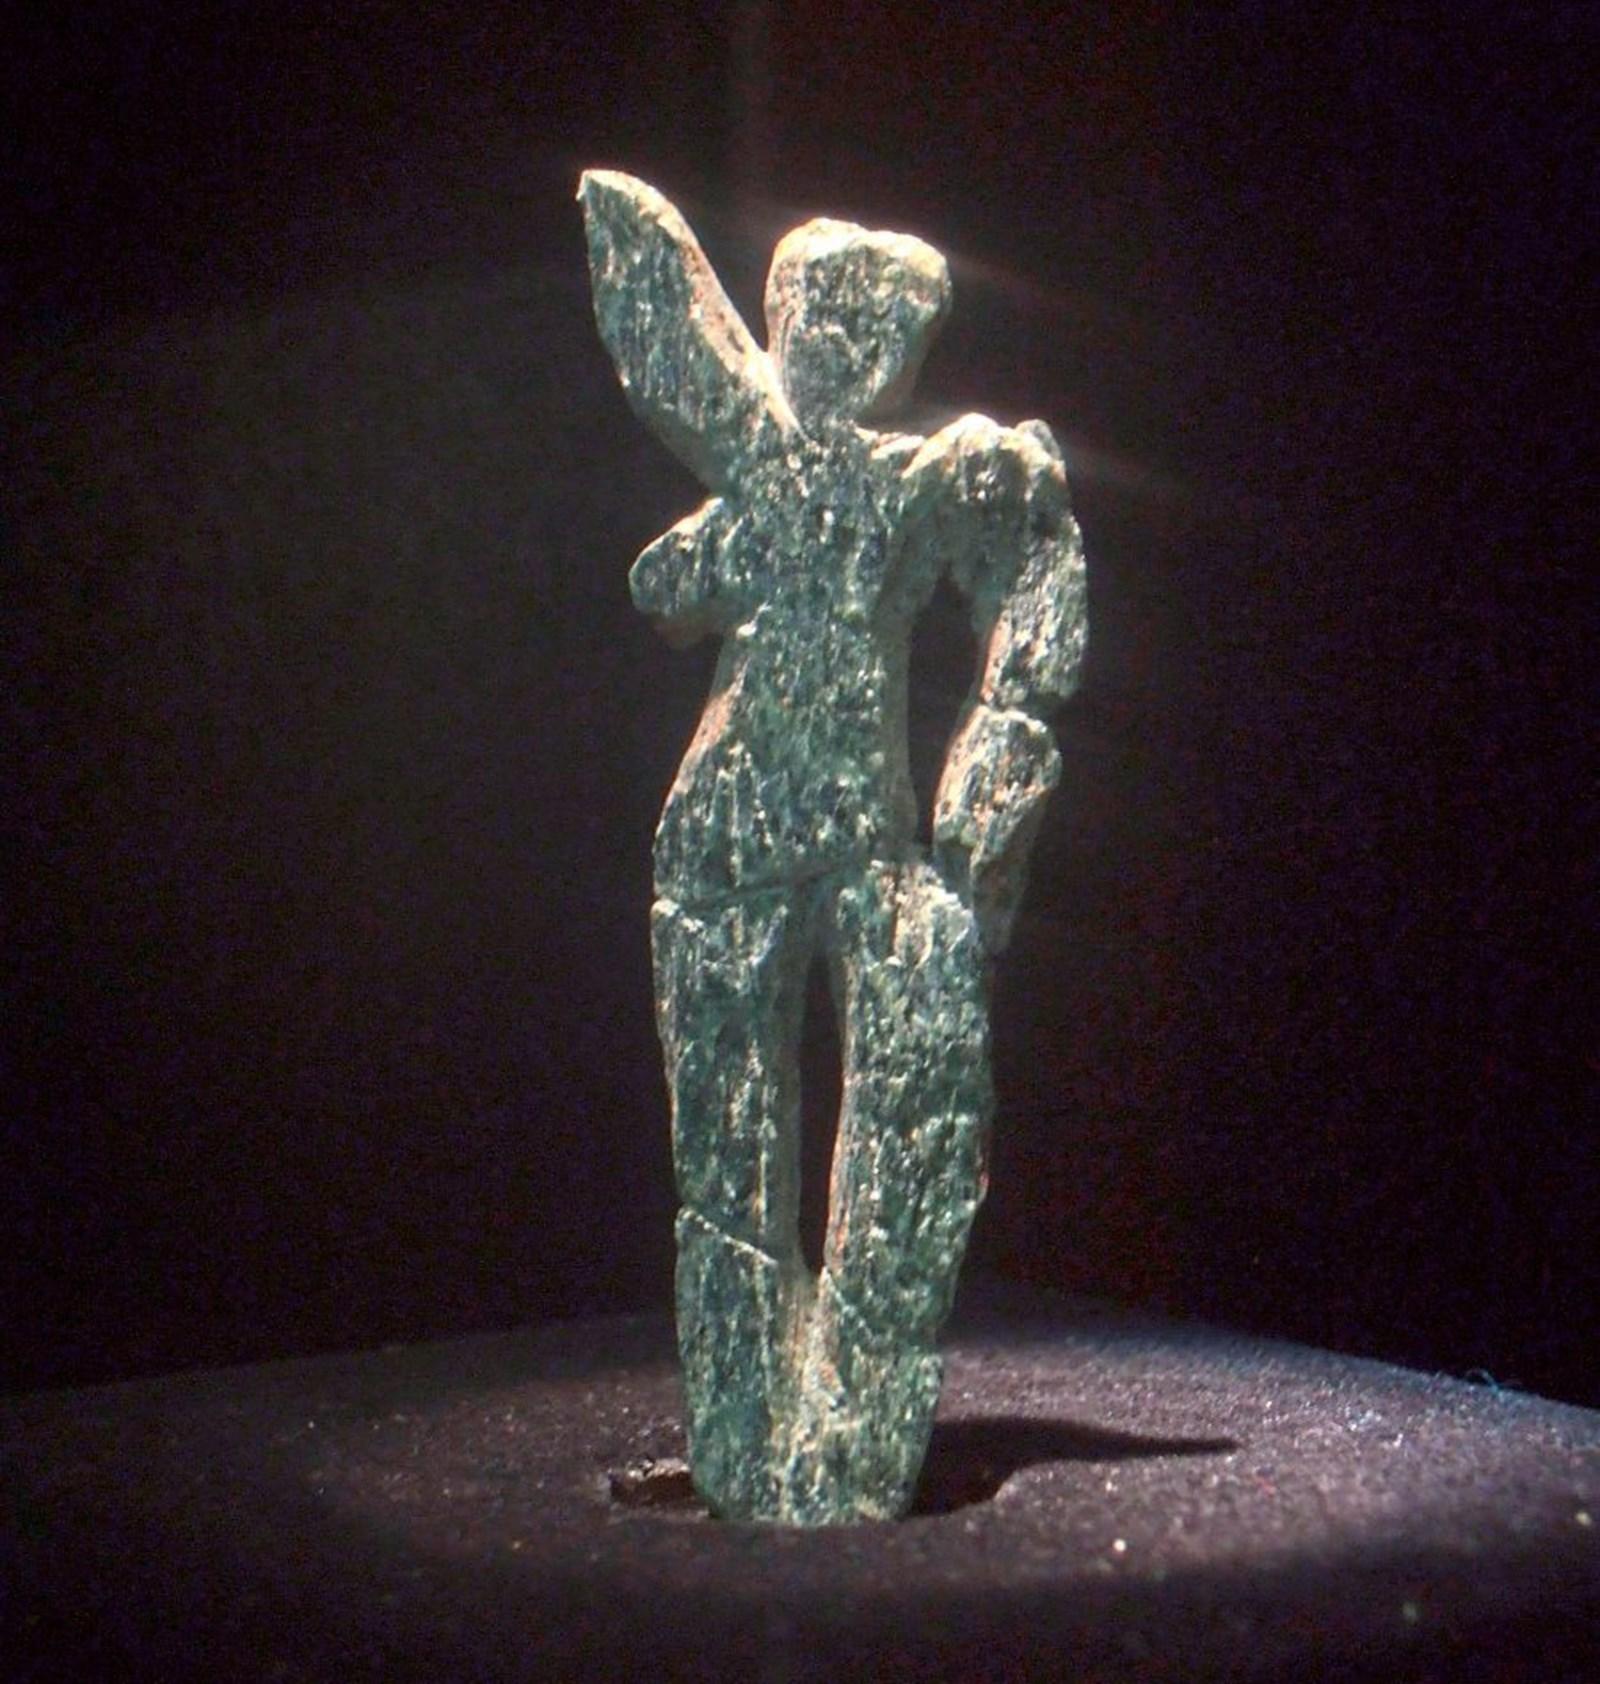 """Archäologin: """"Die Venus ist kein Sexsymbol"""" – derStandard.at"""